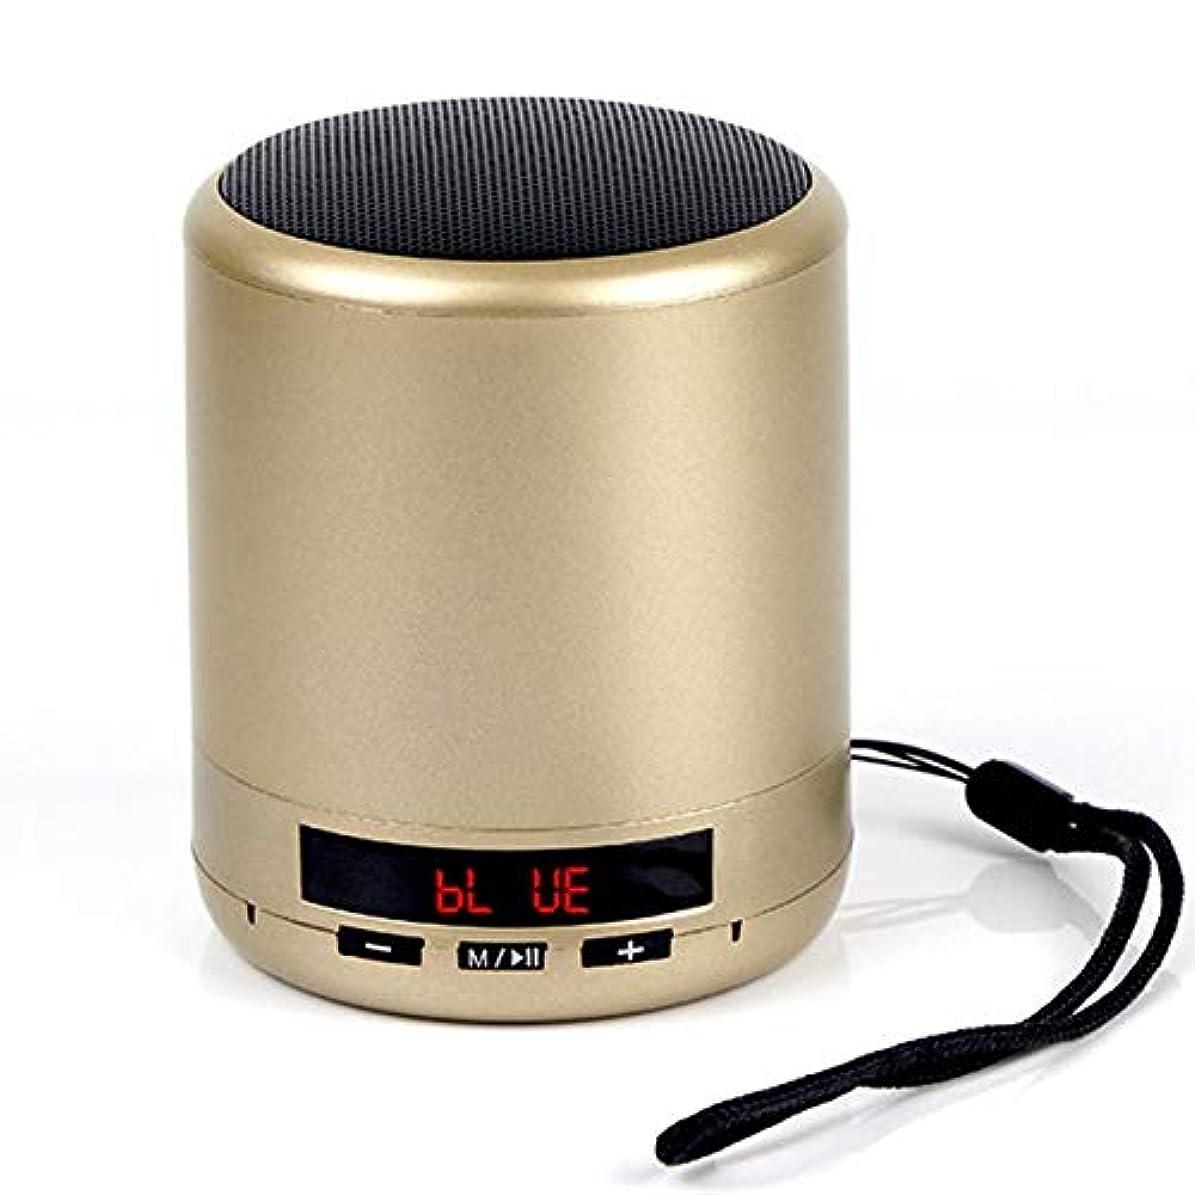 ネコシェーバージャムEryanone 電話でのPCのためのミニポータブルBluetoothのスピーカーラジオ塔低音法的ステレオサブウーファーハンズフリーAUX TFカードUSB MP3プレーヤー(ゴールデン)新しいです (色 : Golden)